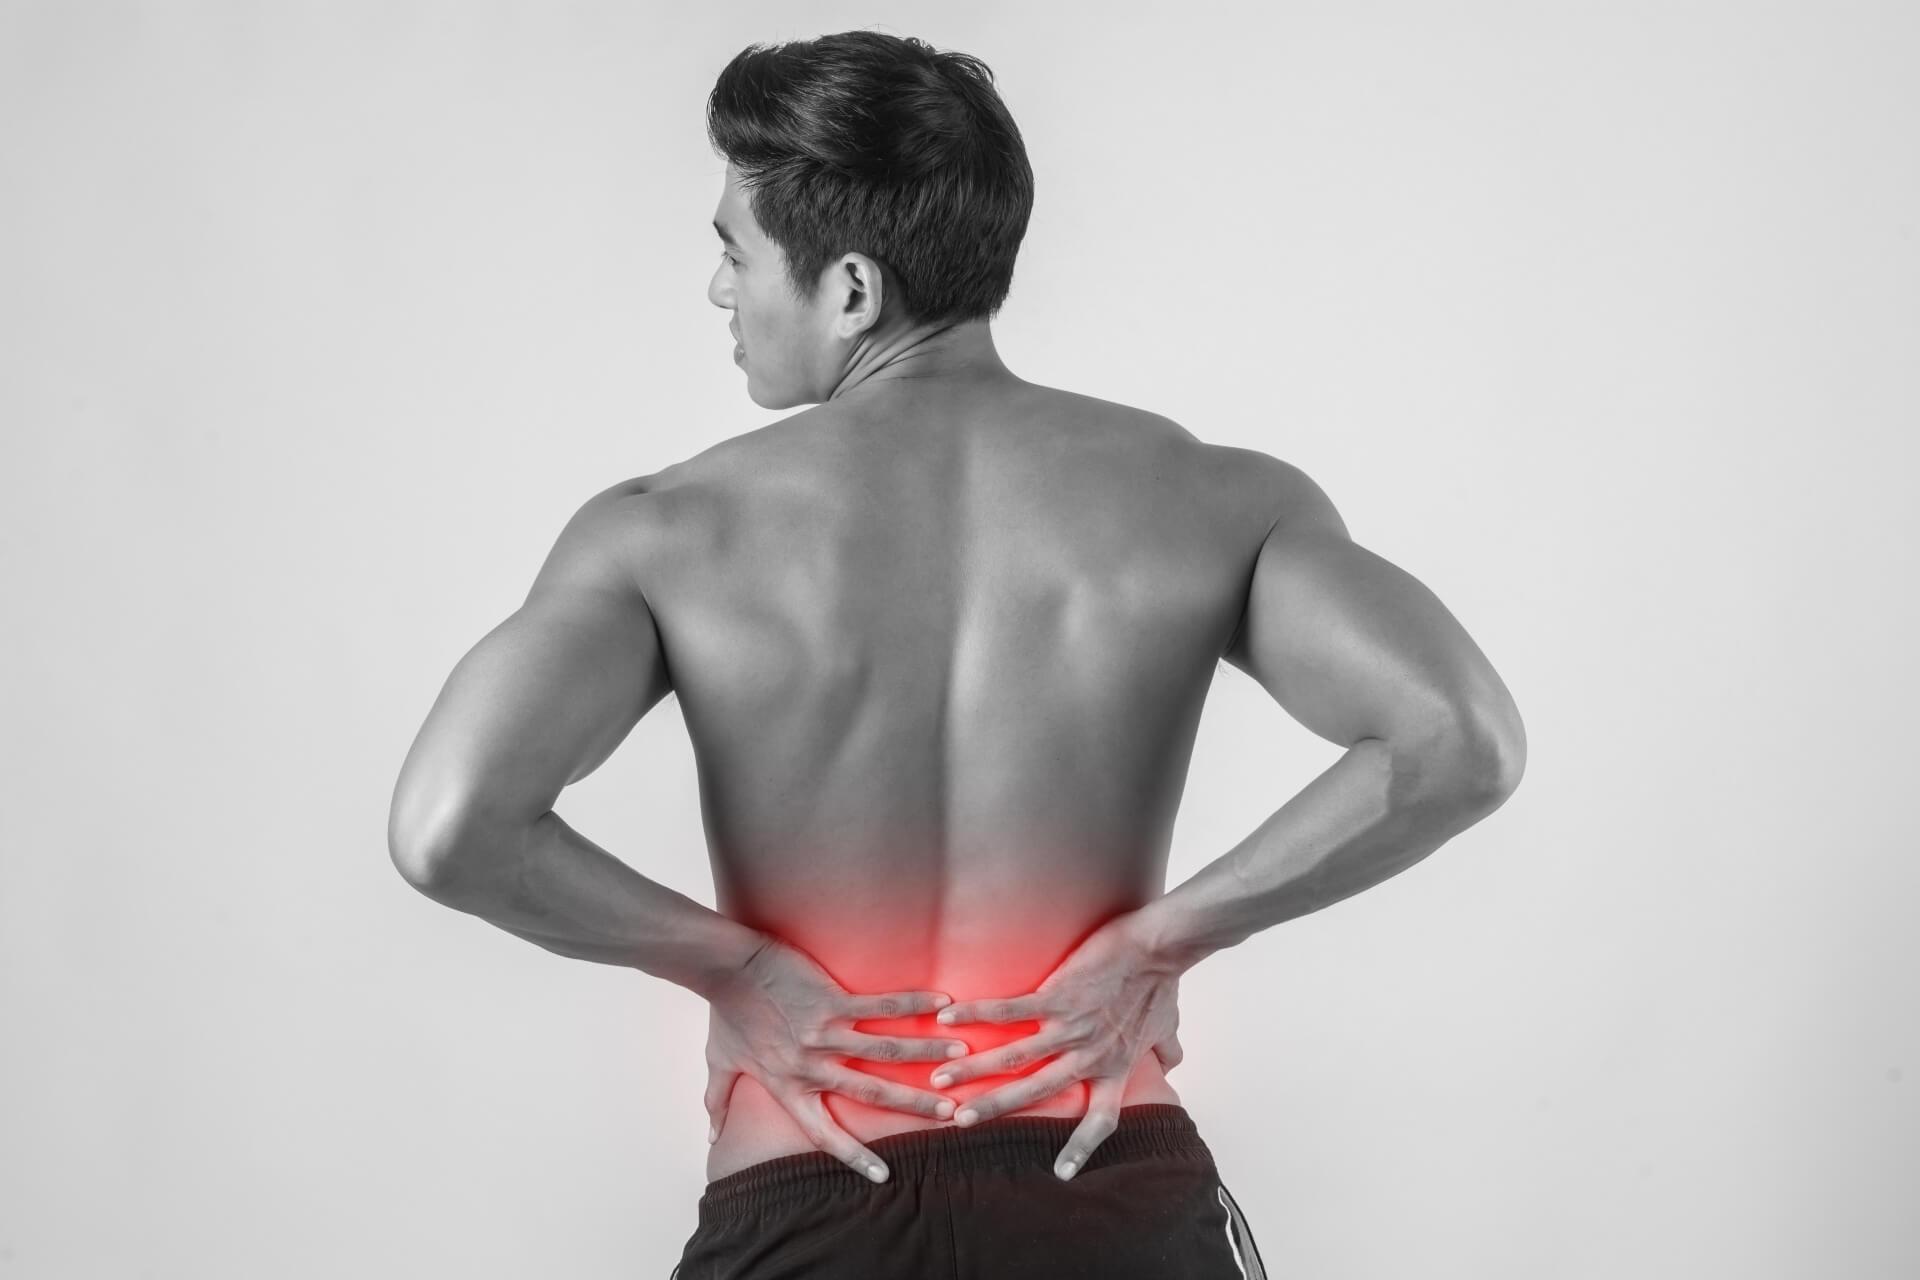 sintomas y tratamientos de la lumbalgia